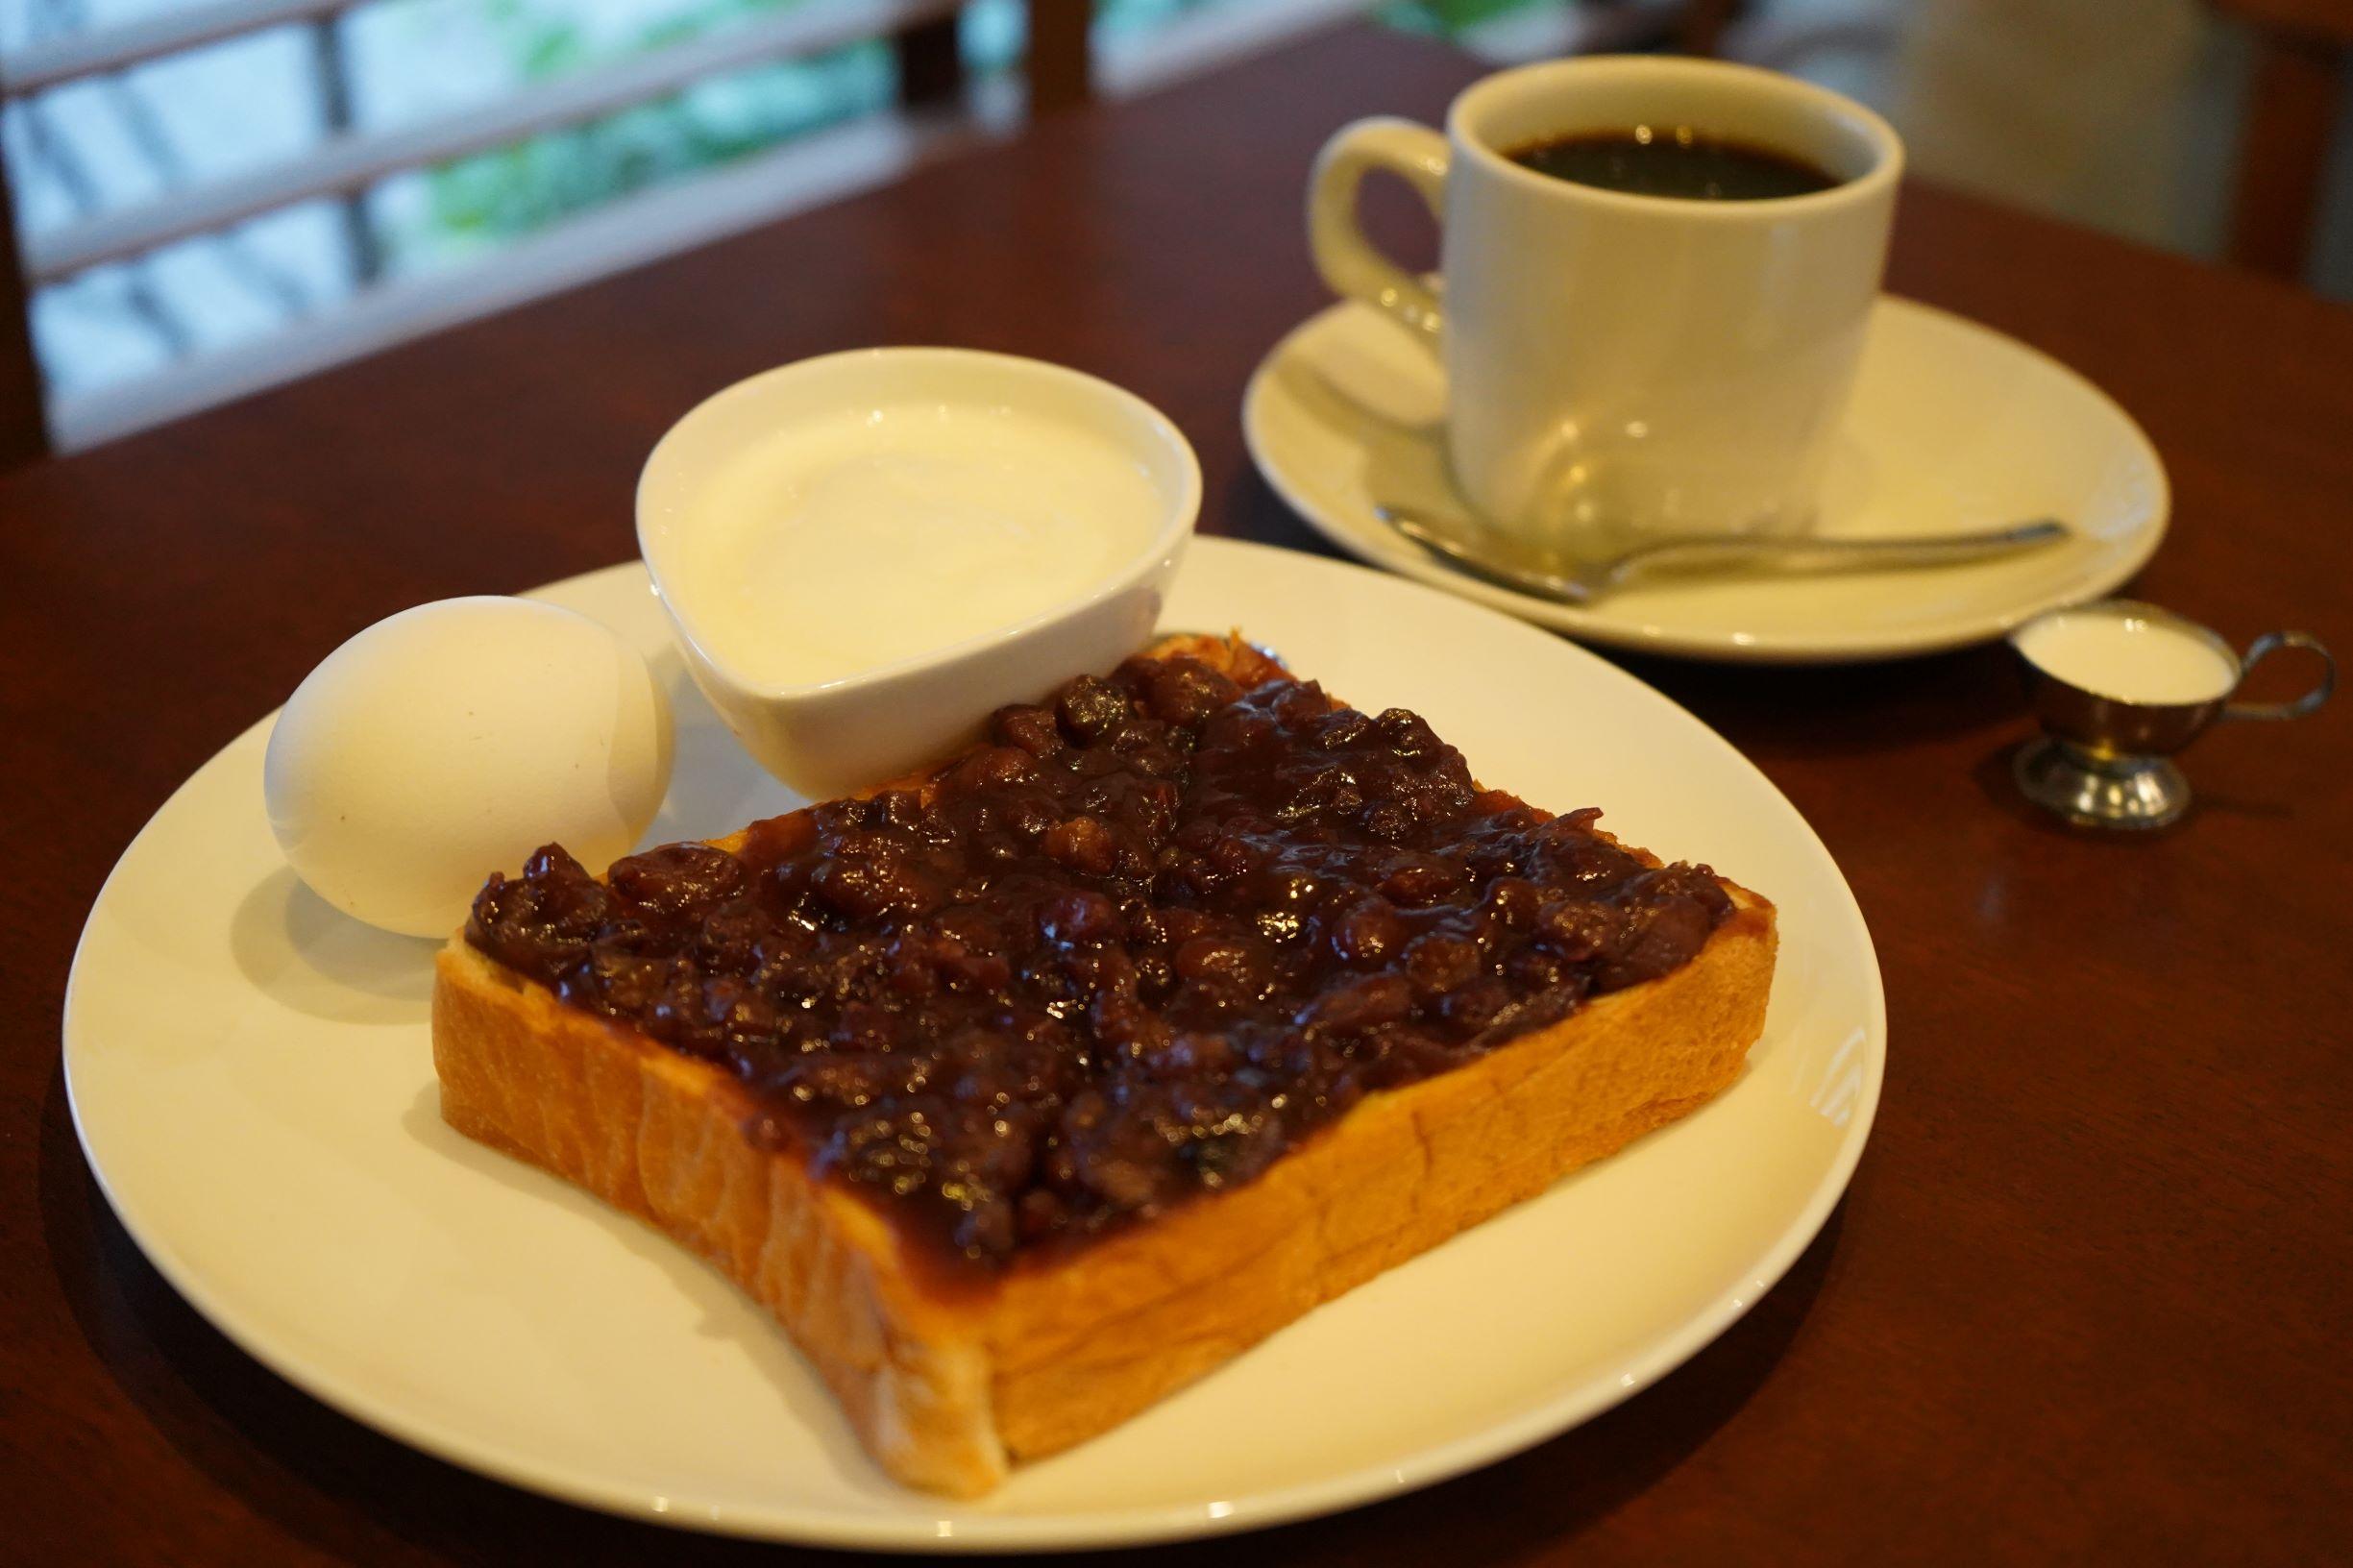 マスター自慢のフルーツコンフィチュールを味わって。「コーヒーハウスかこ花車本店」で過ごす休日。 - DSC06006 kai